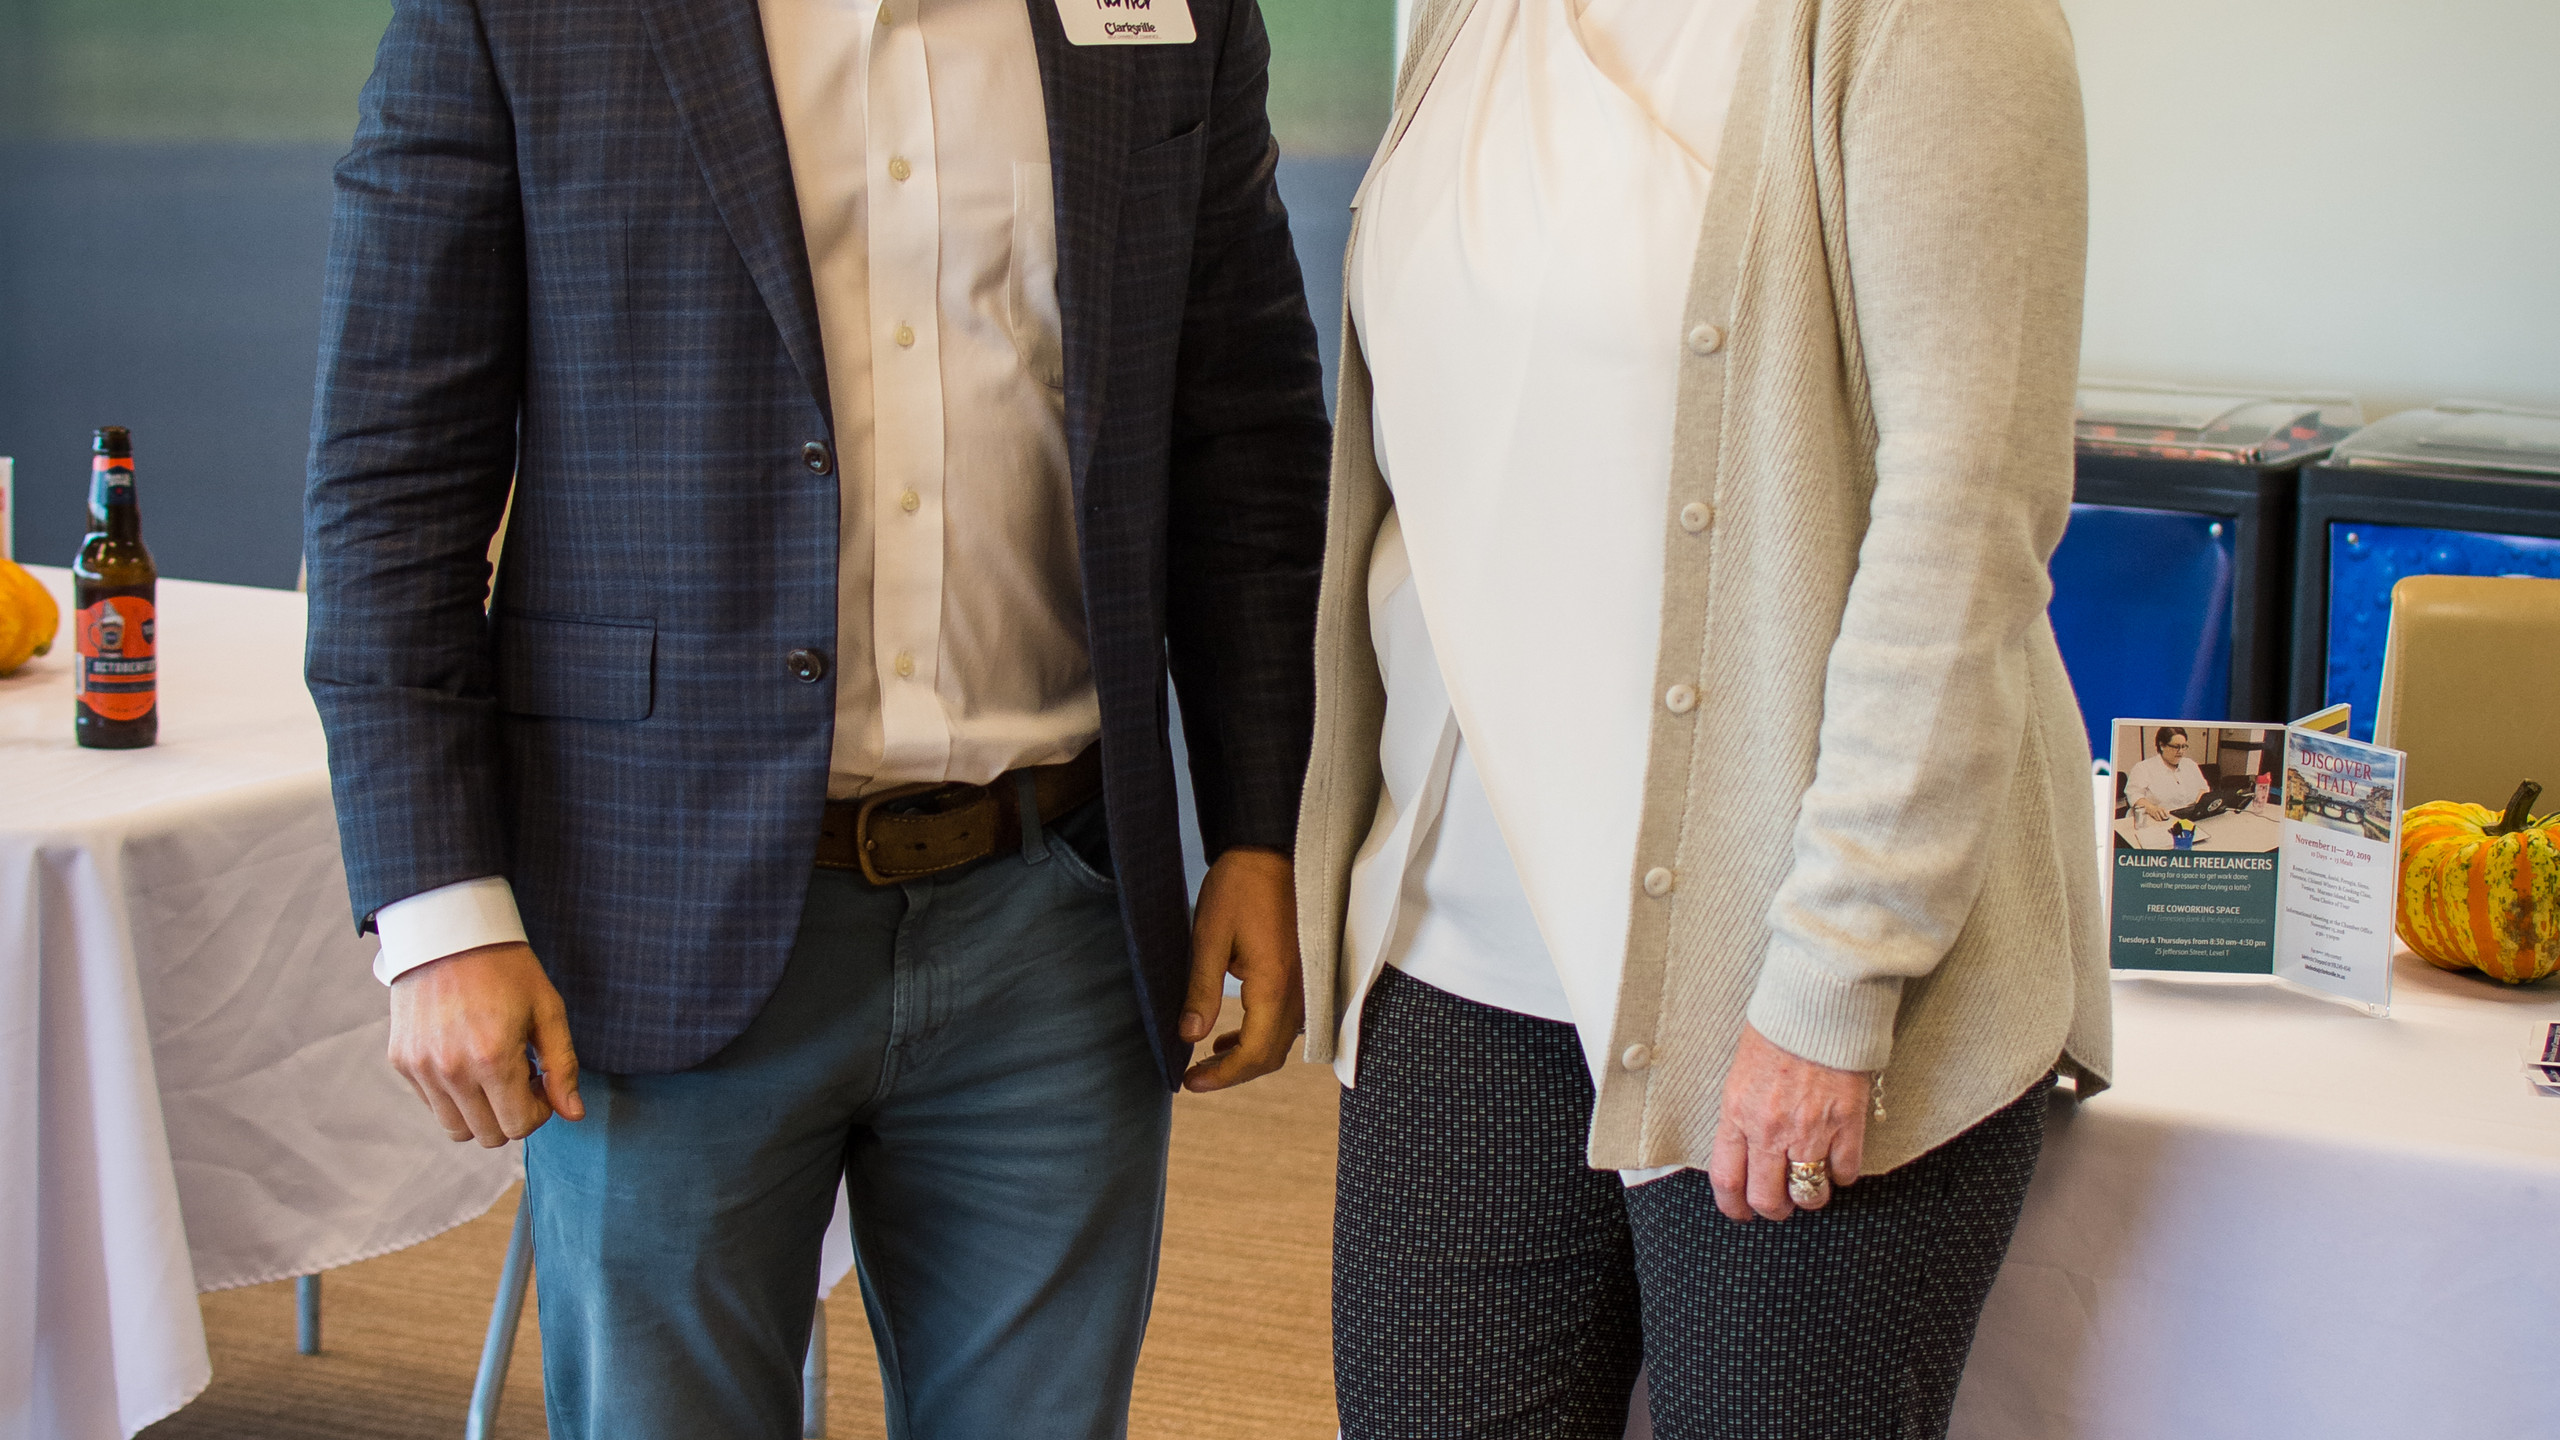 Paul Turner and Melinda Shepard